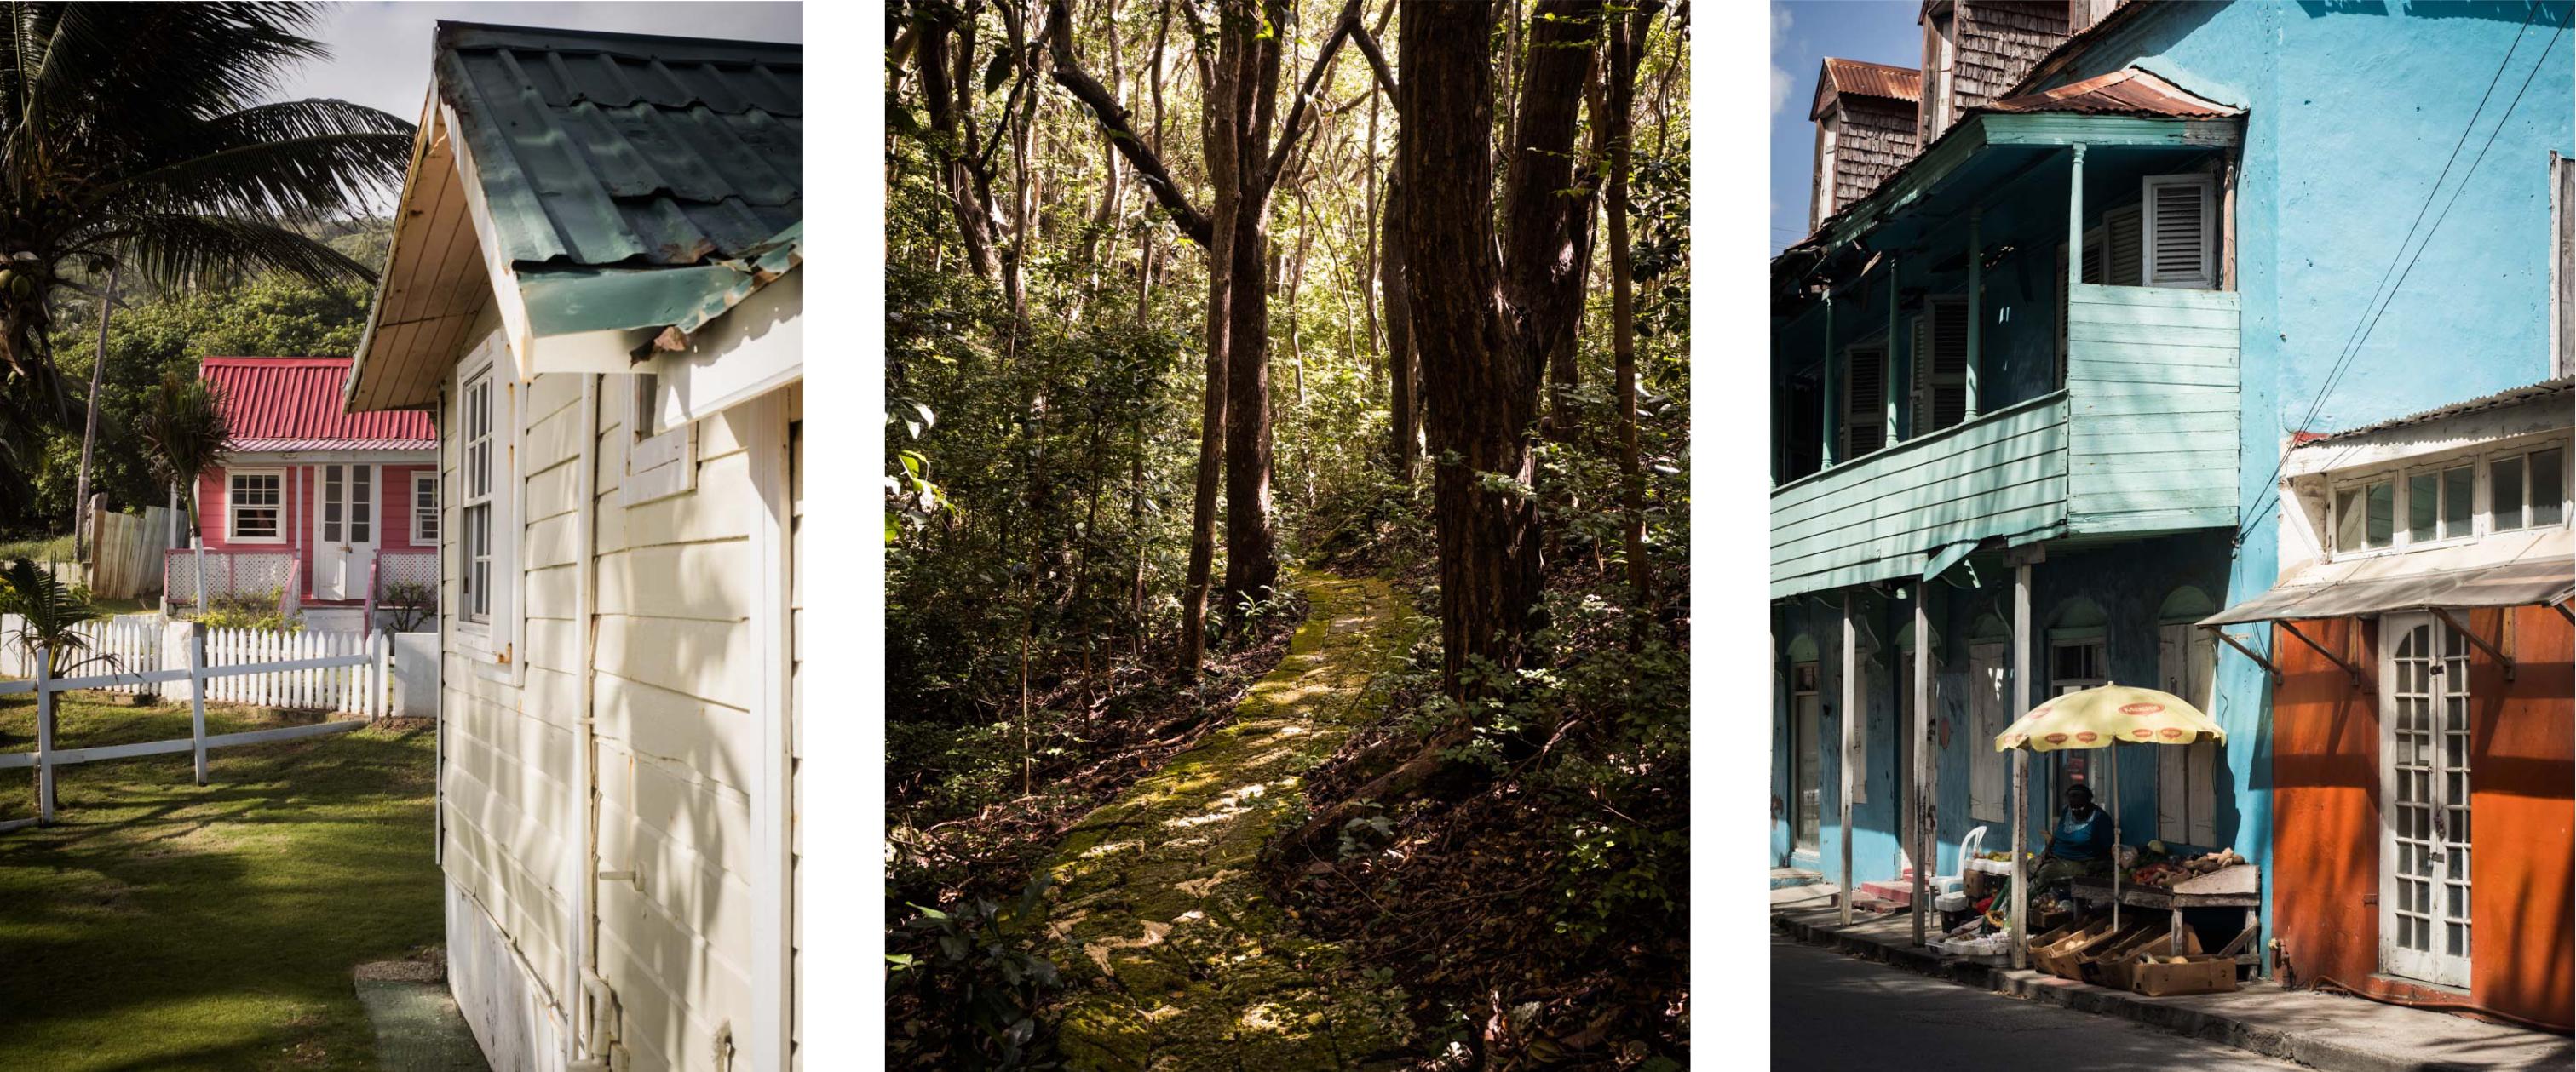 découvrir la barbade - architecture typique- antilles - jardin tropical - chattel house